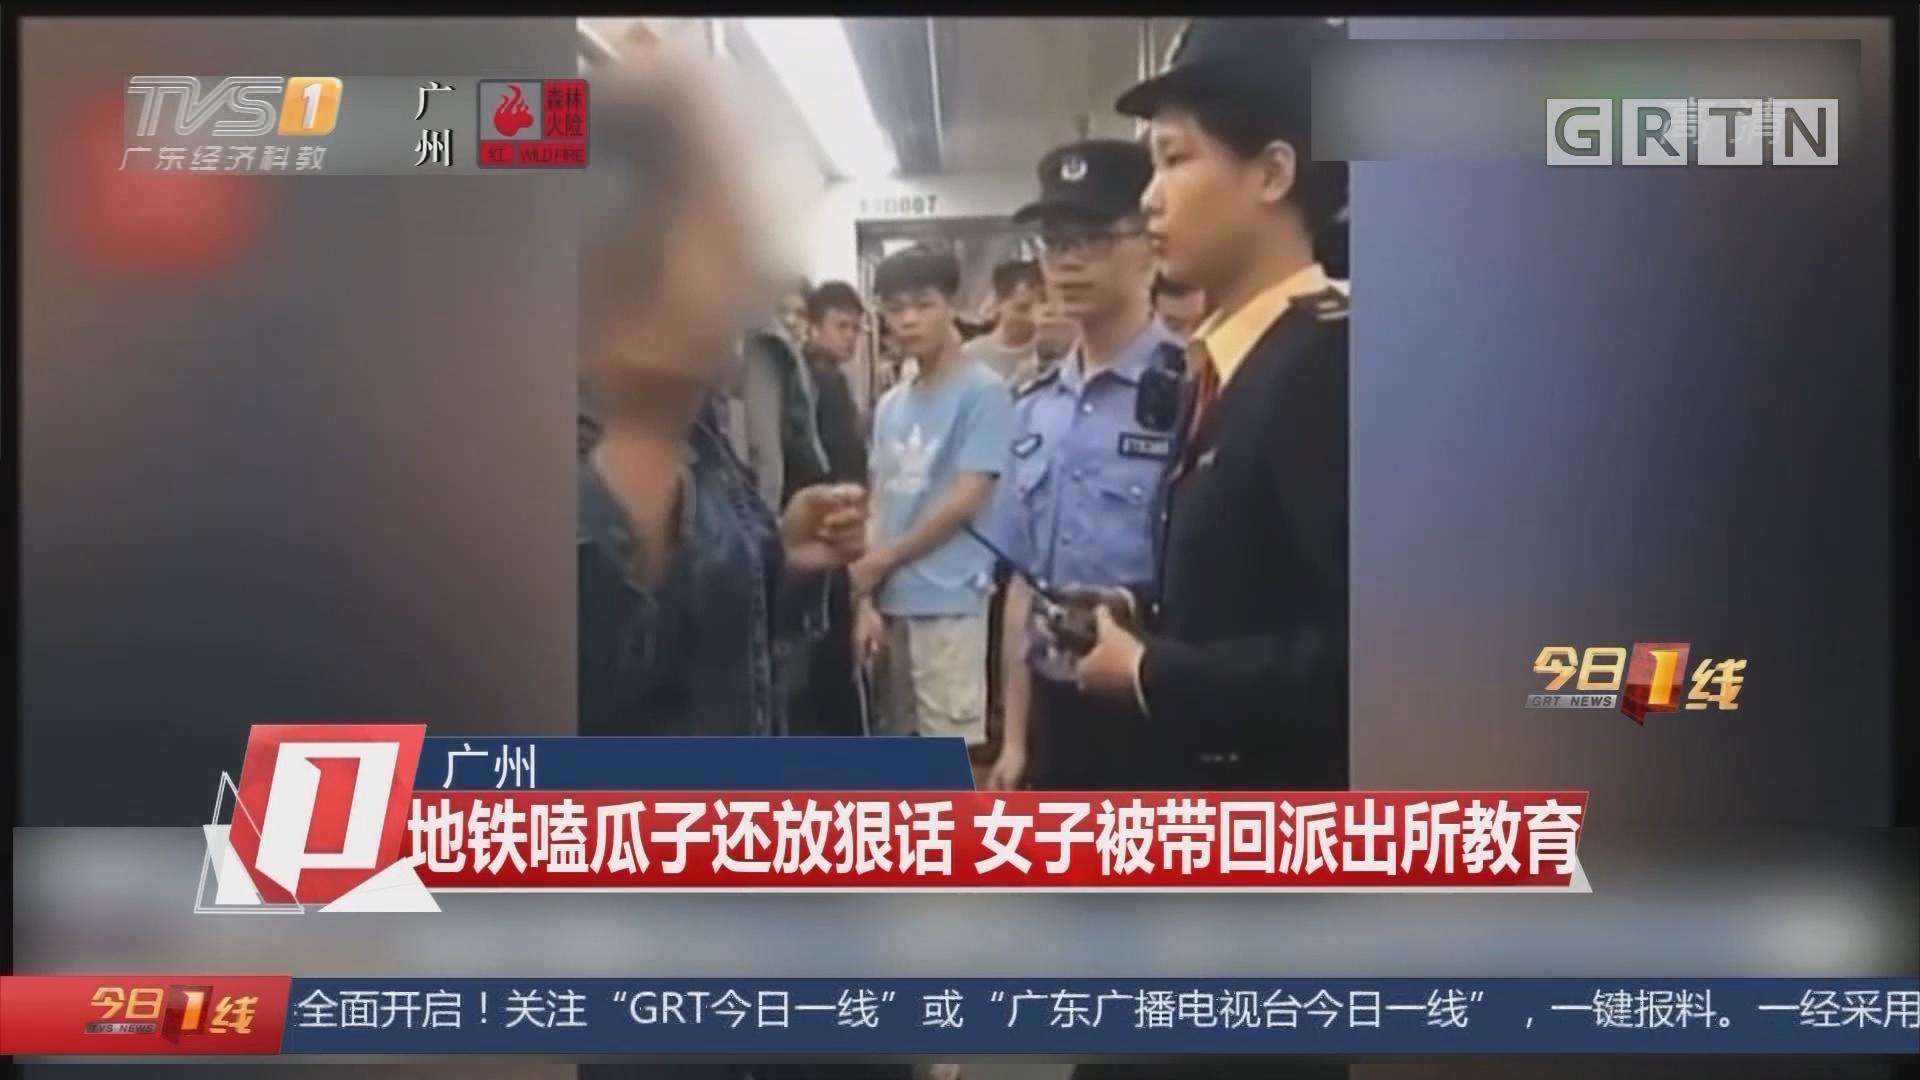 广州:地铁嗑瓜子还放狠话 女子被带回派出所教育